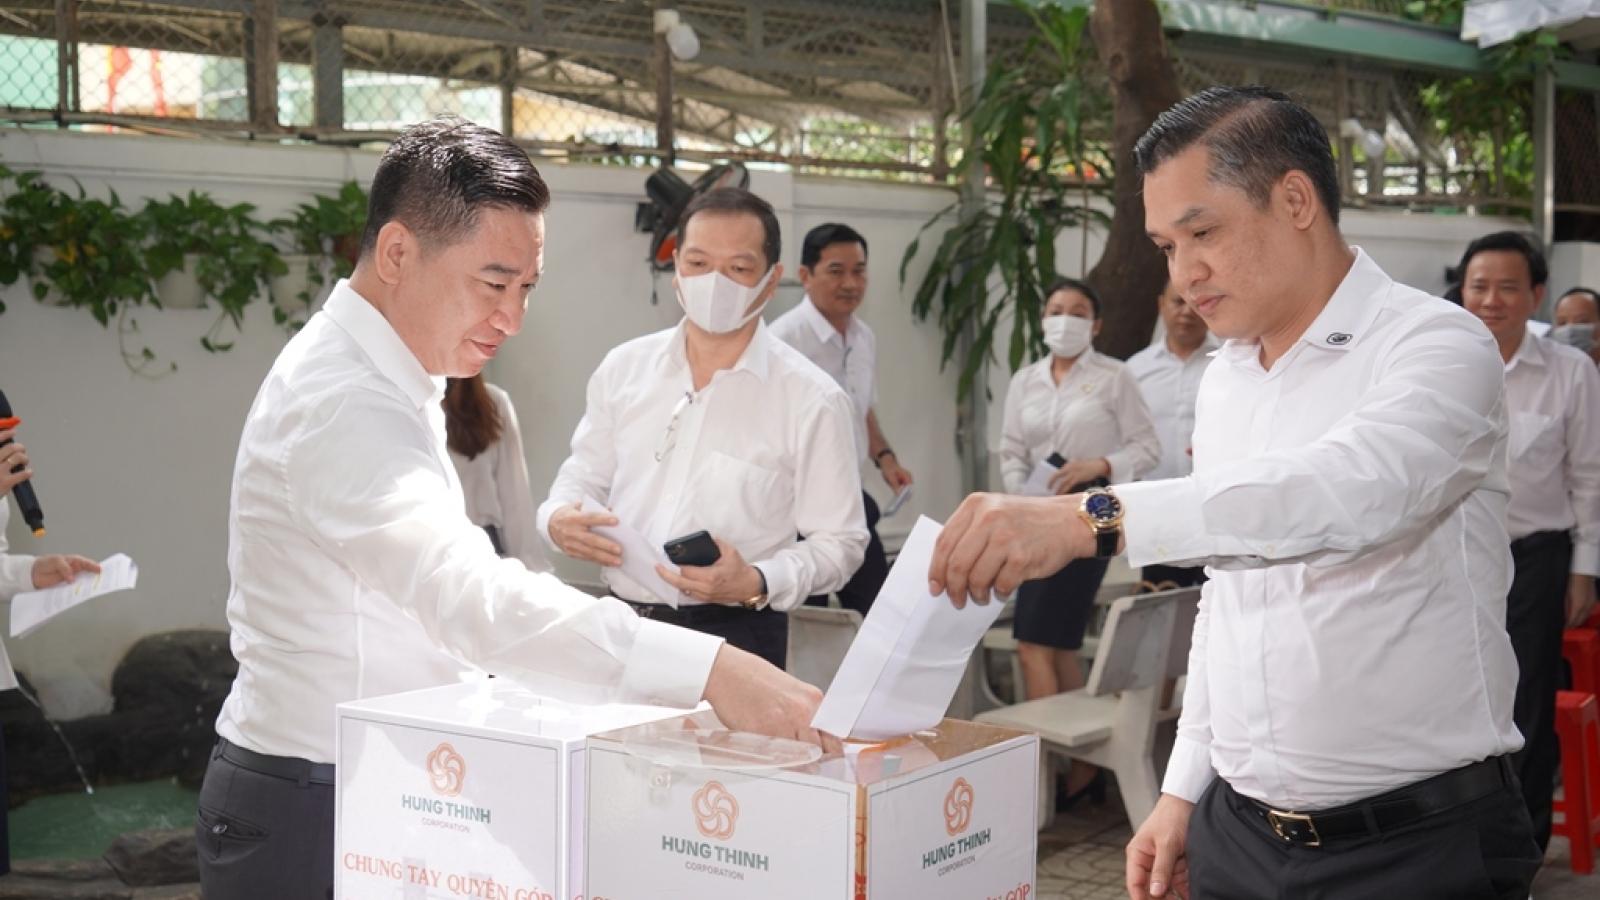 Tập đoàn Hưng Thịnh ủng hộ gần 5,3 tỷ đồng cho vùng lũ miền Trung